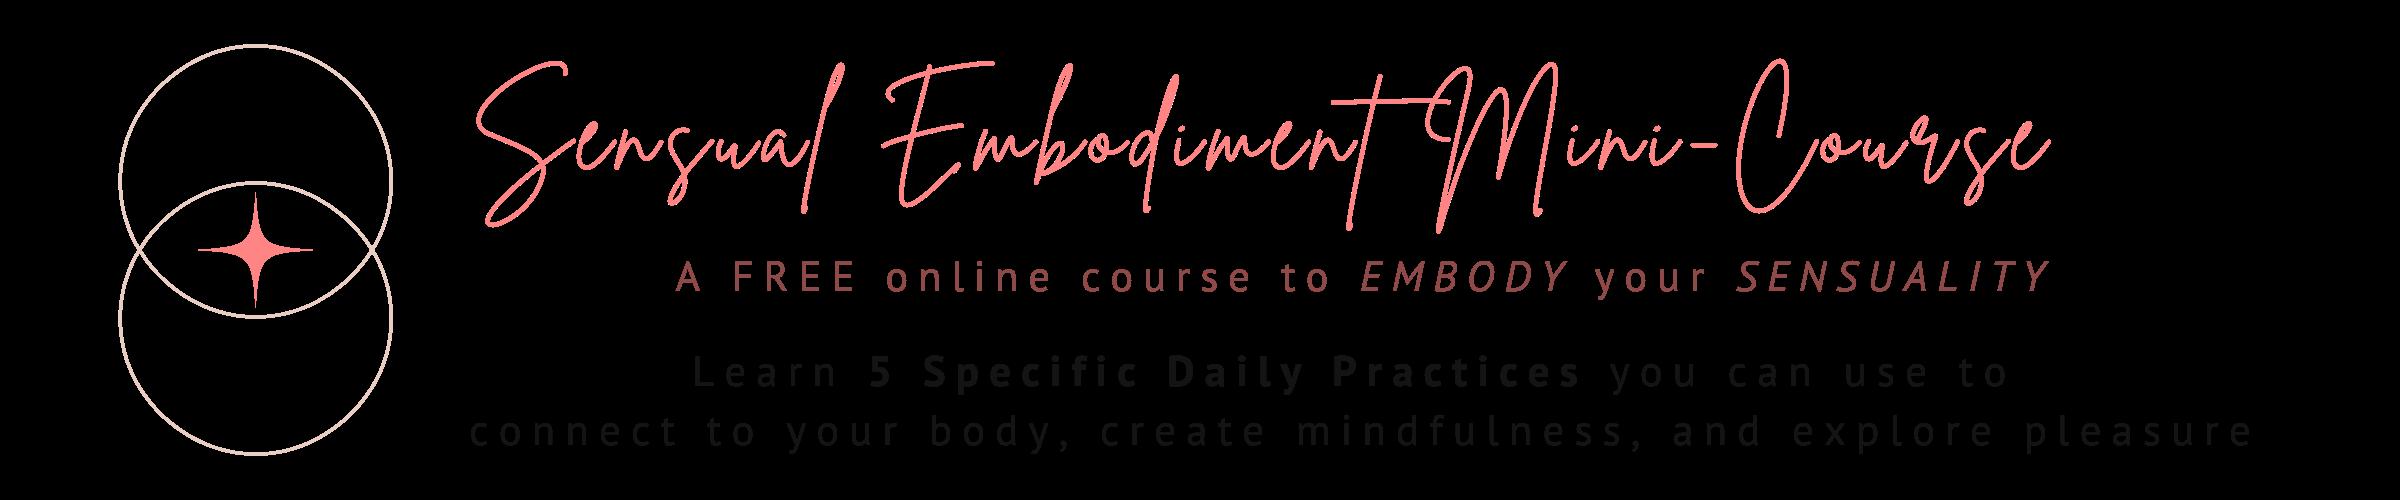 Sensual Embodiment Mini Course Banner (5)